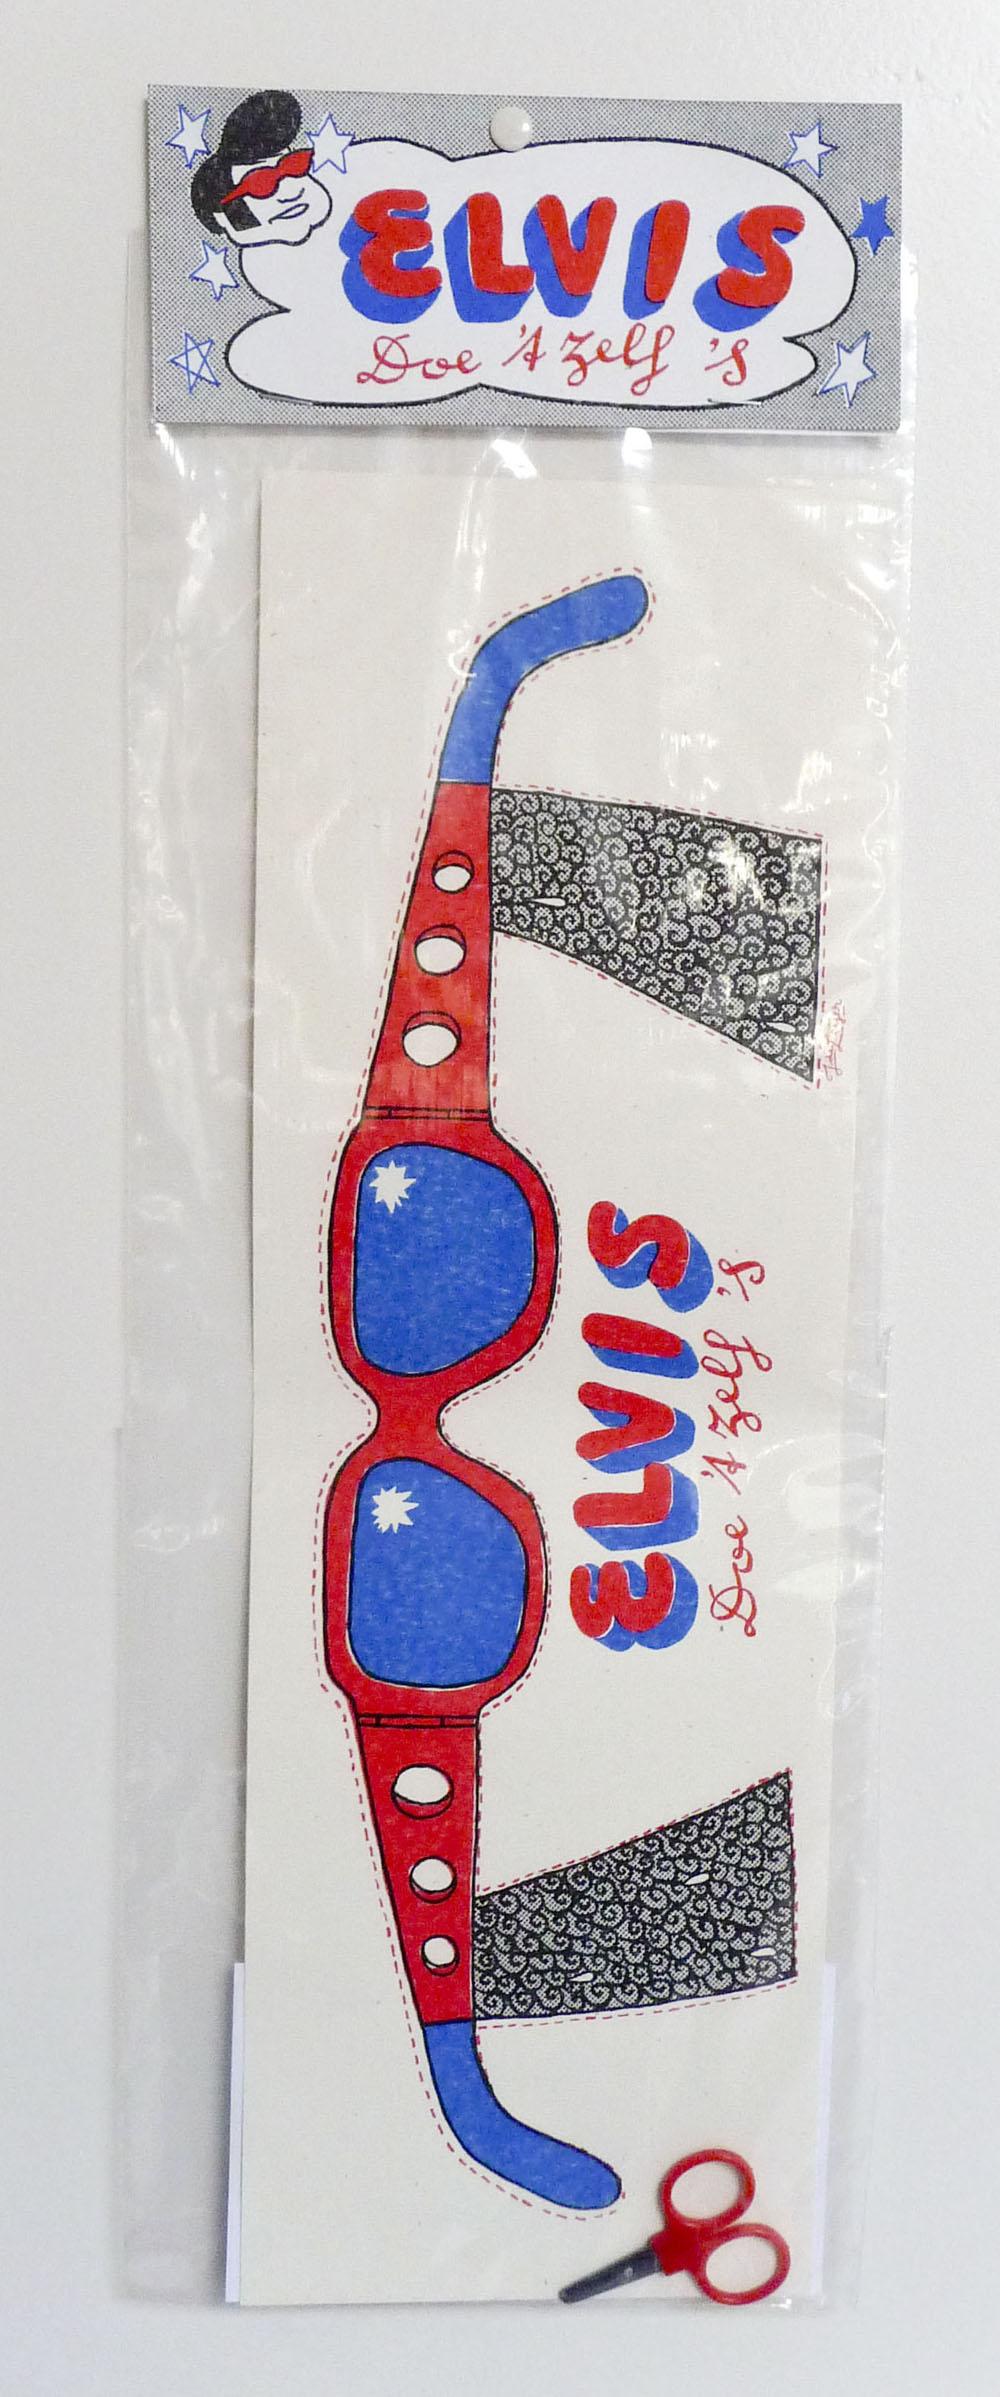 Elvis bril voor.jpg